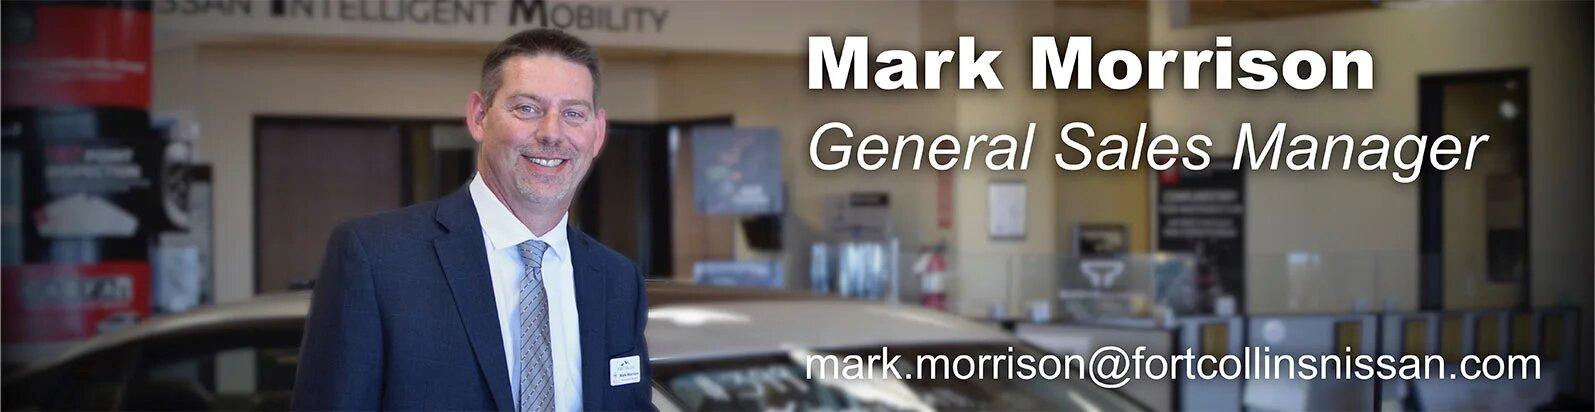 General Sales Manager Mark Morrison